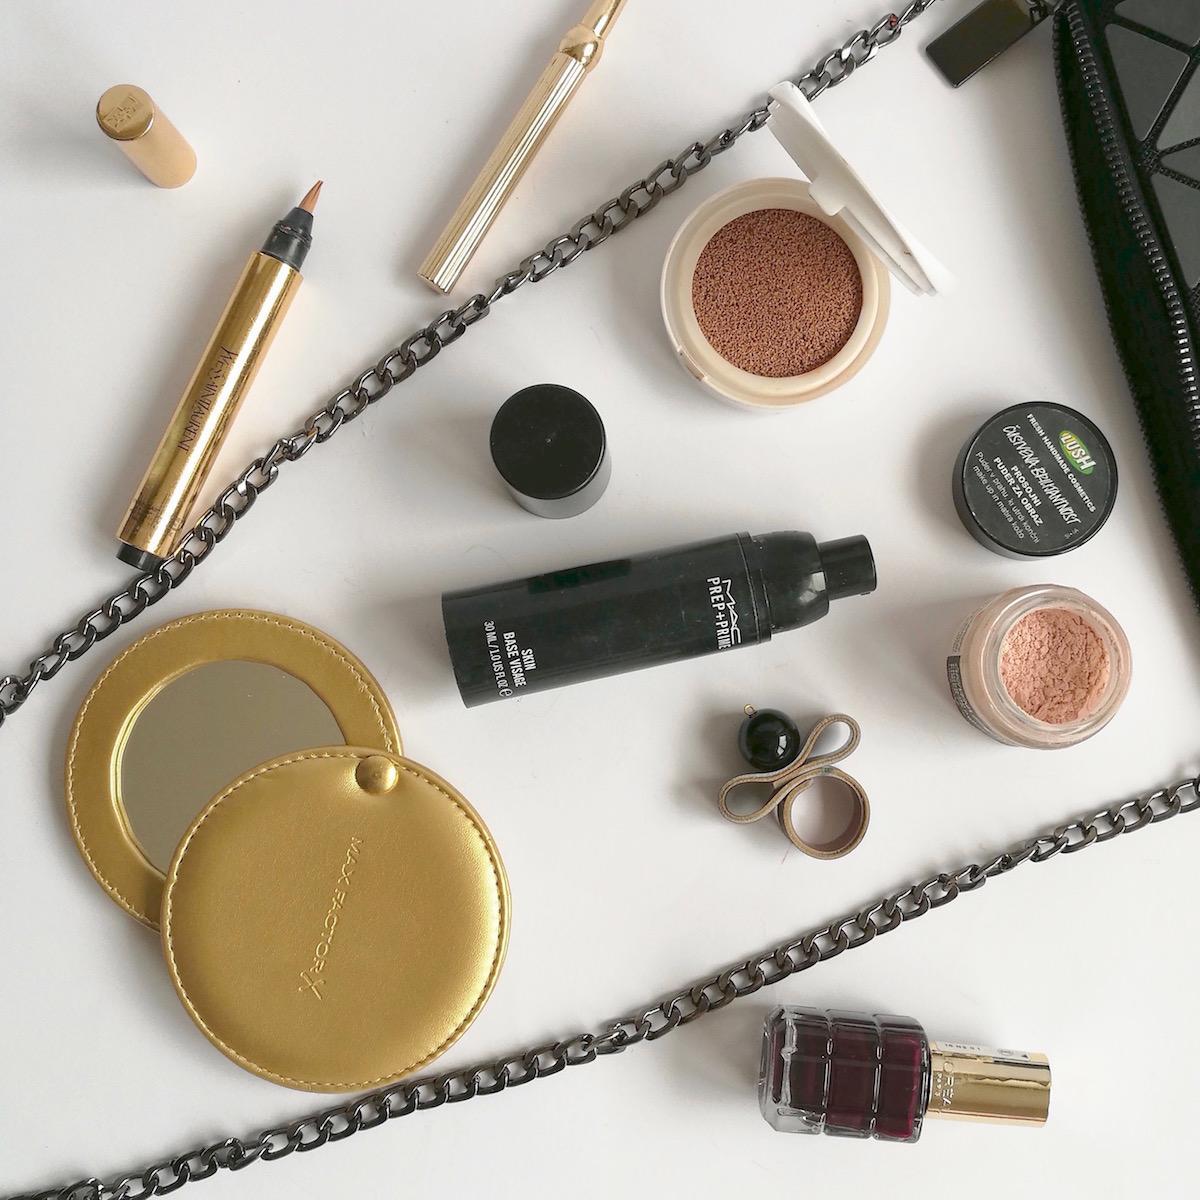 NIka Veger licenje makeup MAC Lush Custvena brilijantnost